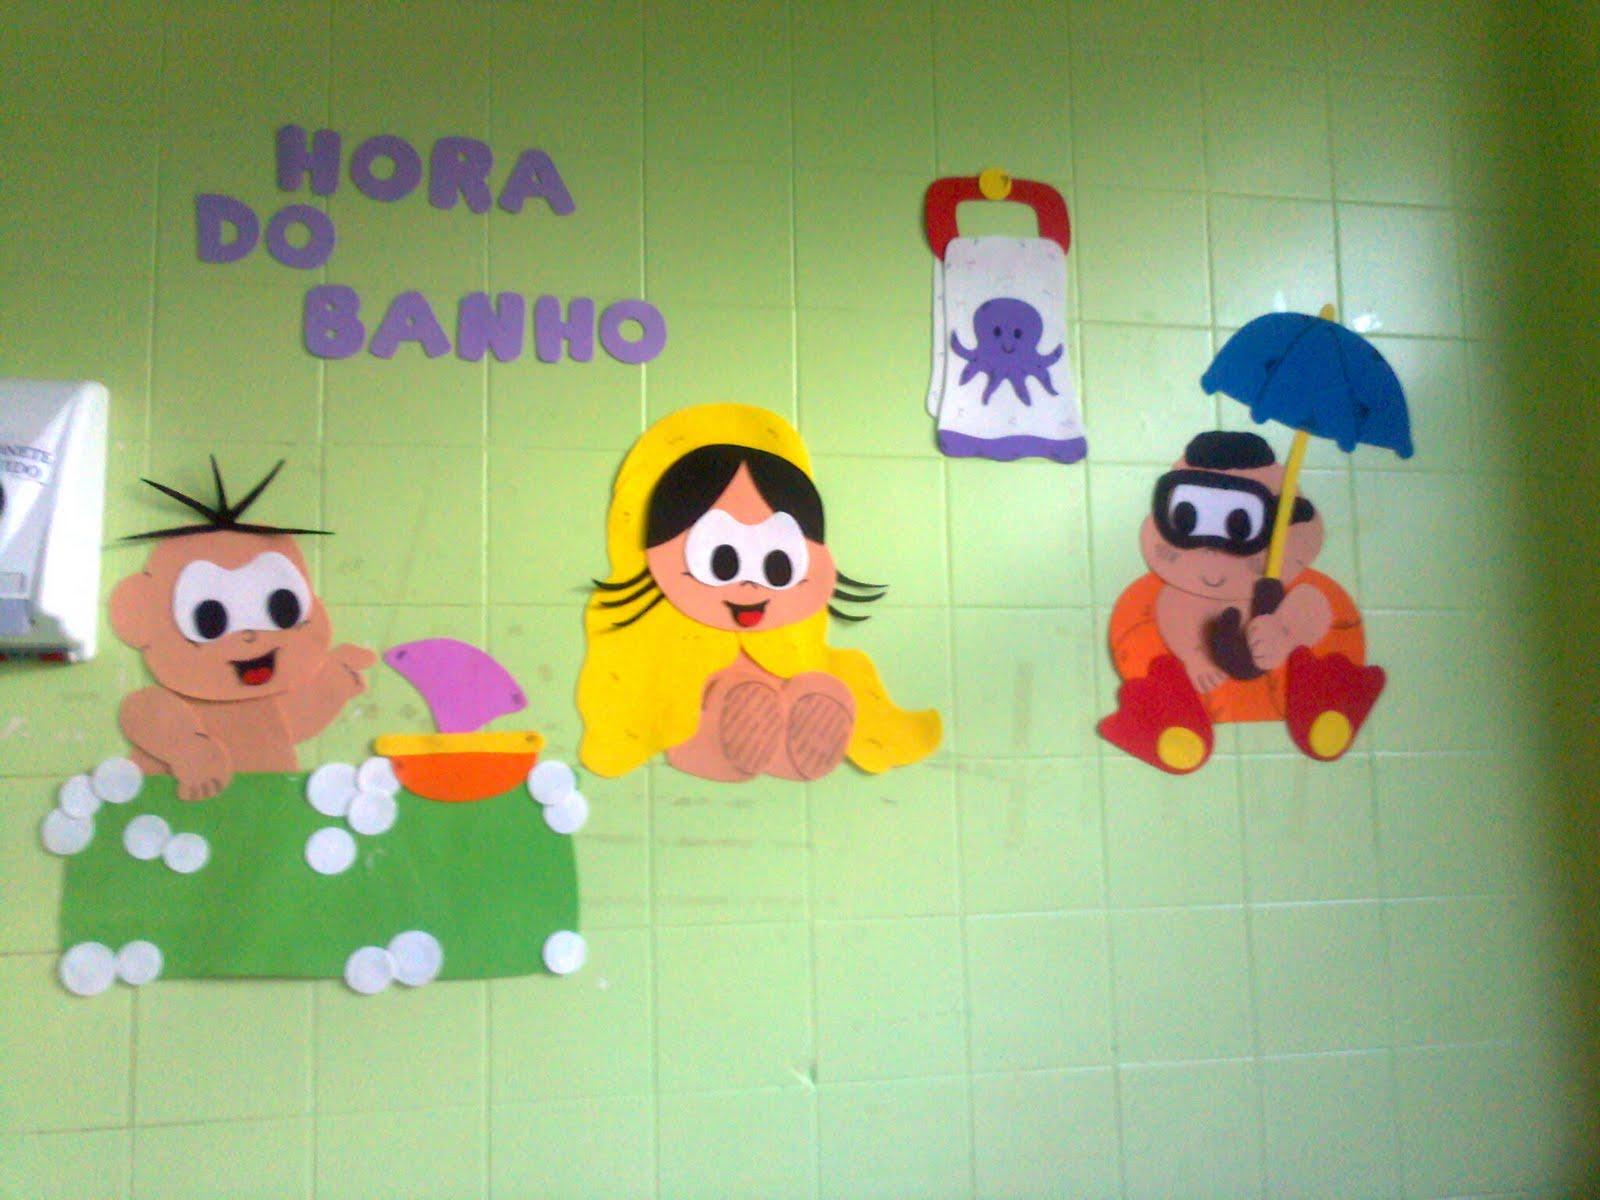 JUJU ARTE EM EVA DECORAÇÃO PARA BANHEIRO -> Decoracao Banheiro Educacao Infantil